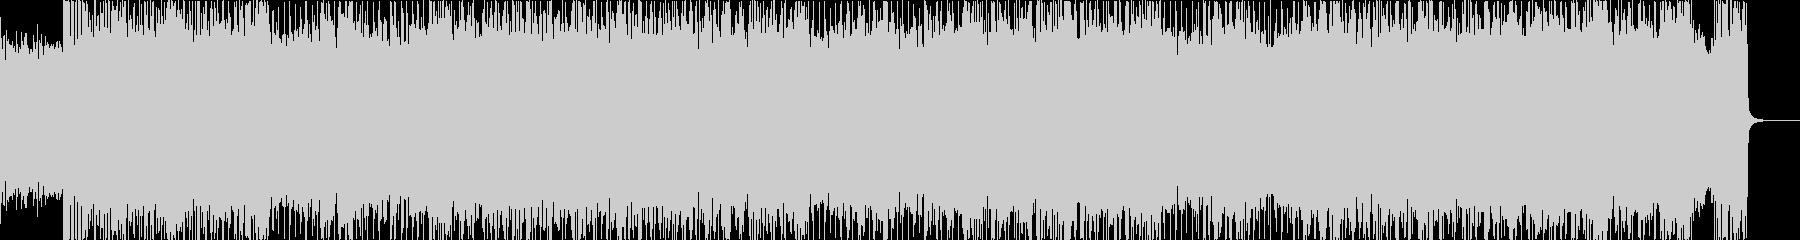 ノリノリハードなロックの未再生の波形